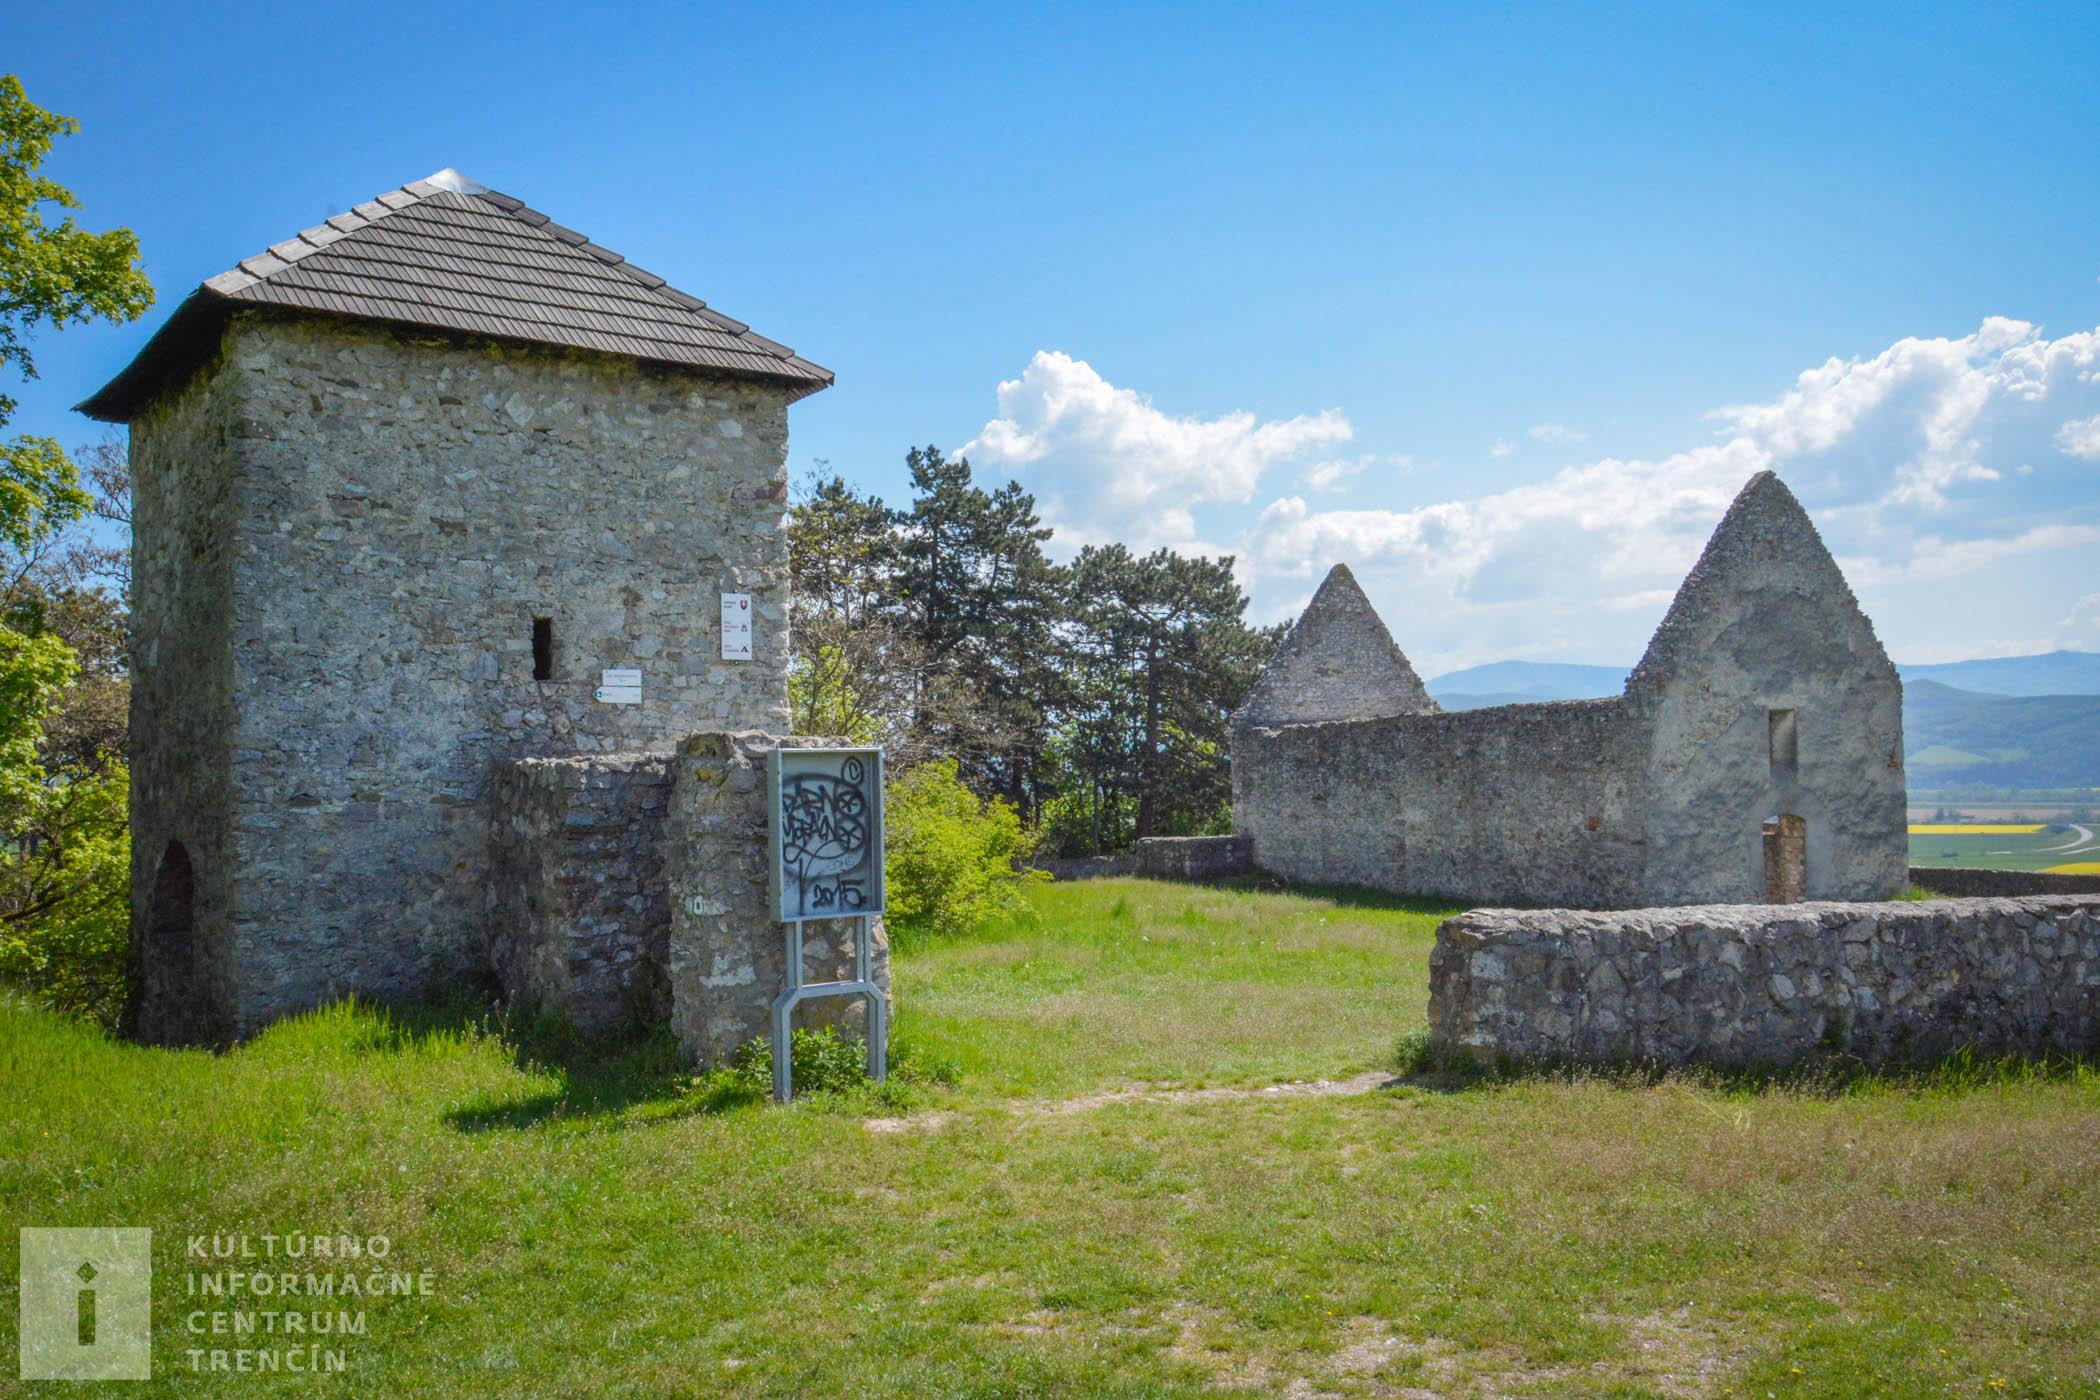 Vľavo sa nachádza z časti obnovená strážna veža a vpravo pozostatky románskeho kostolíka v Haluziciach